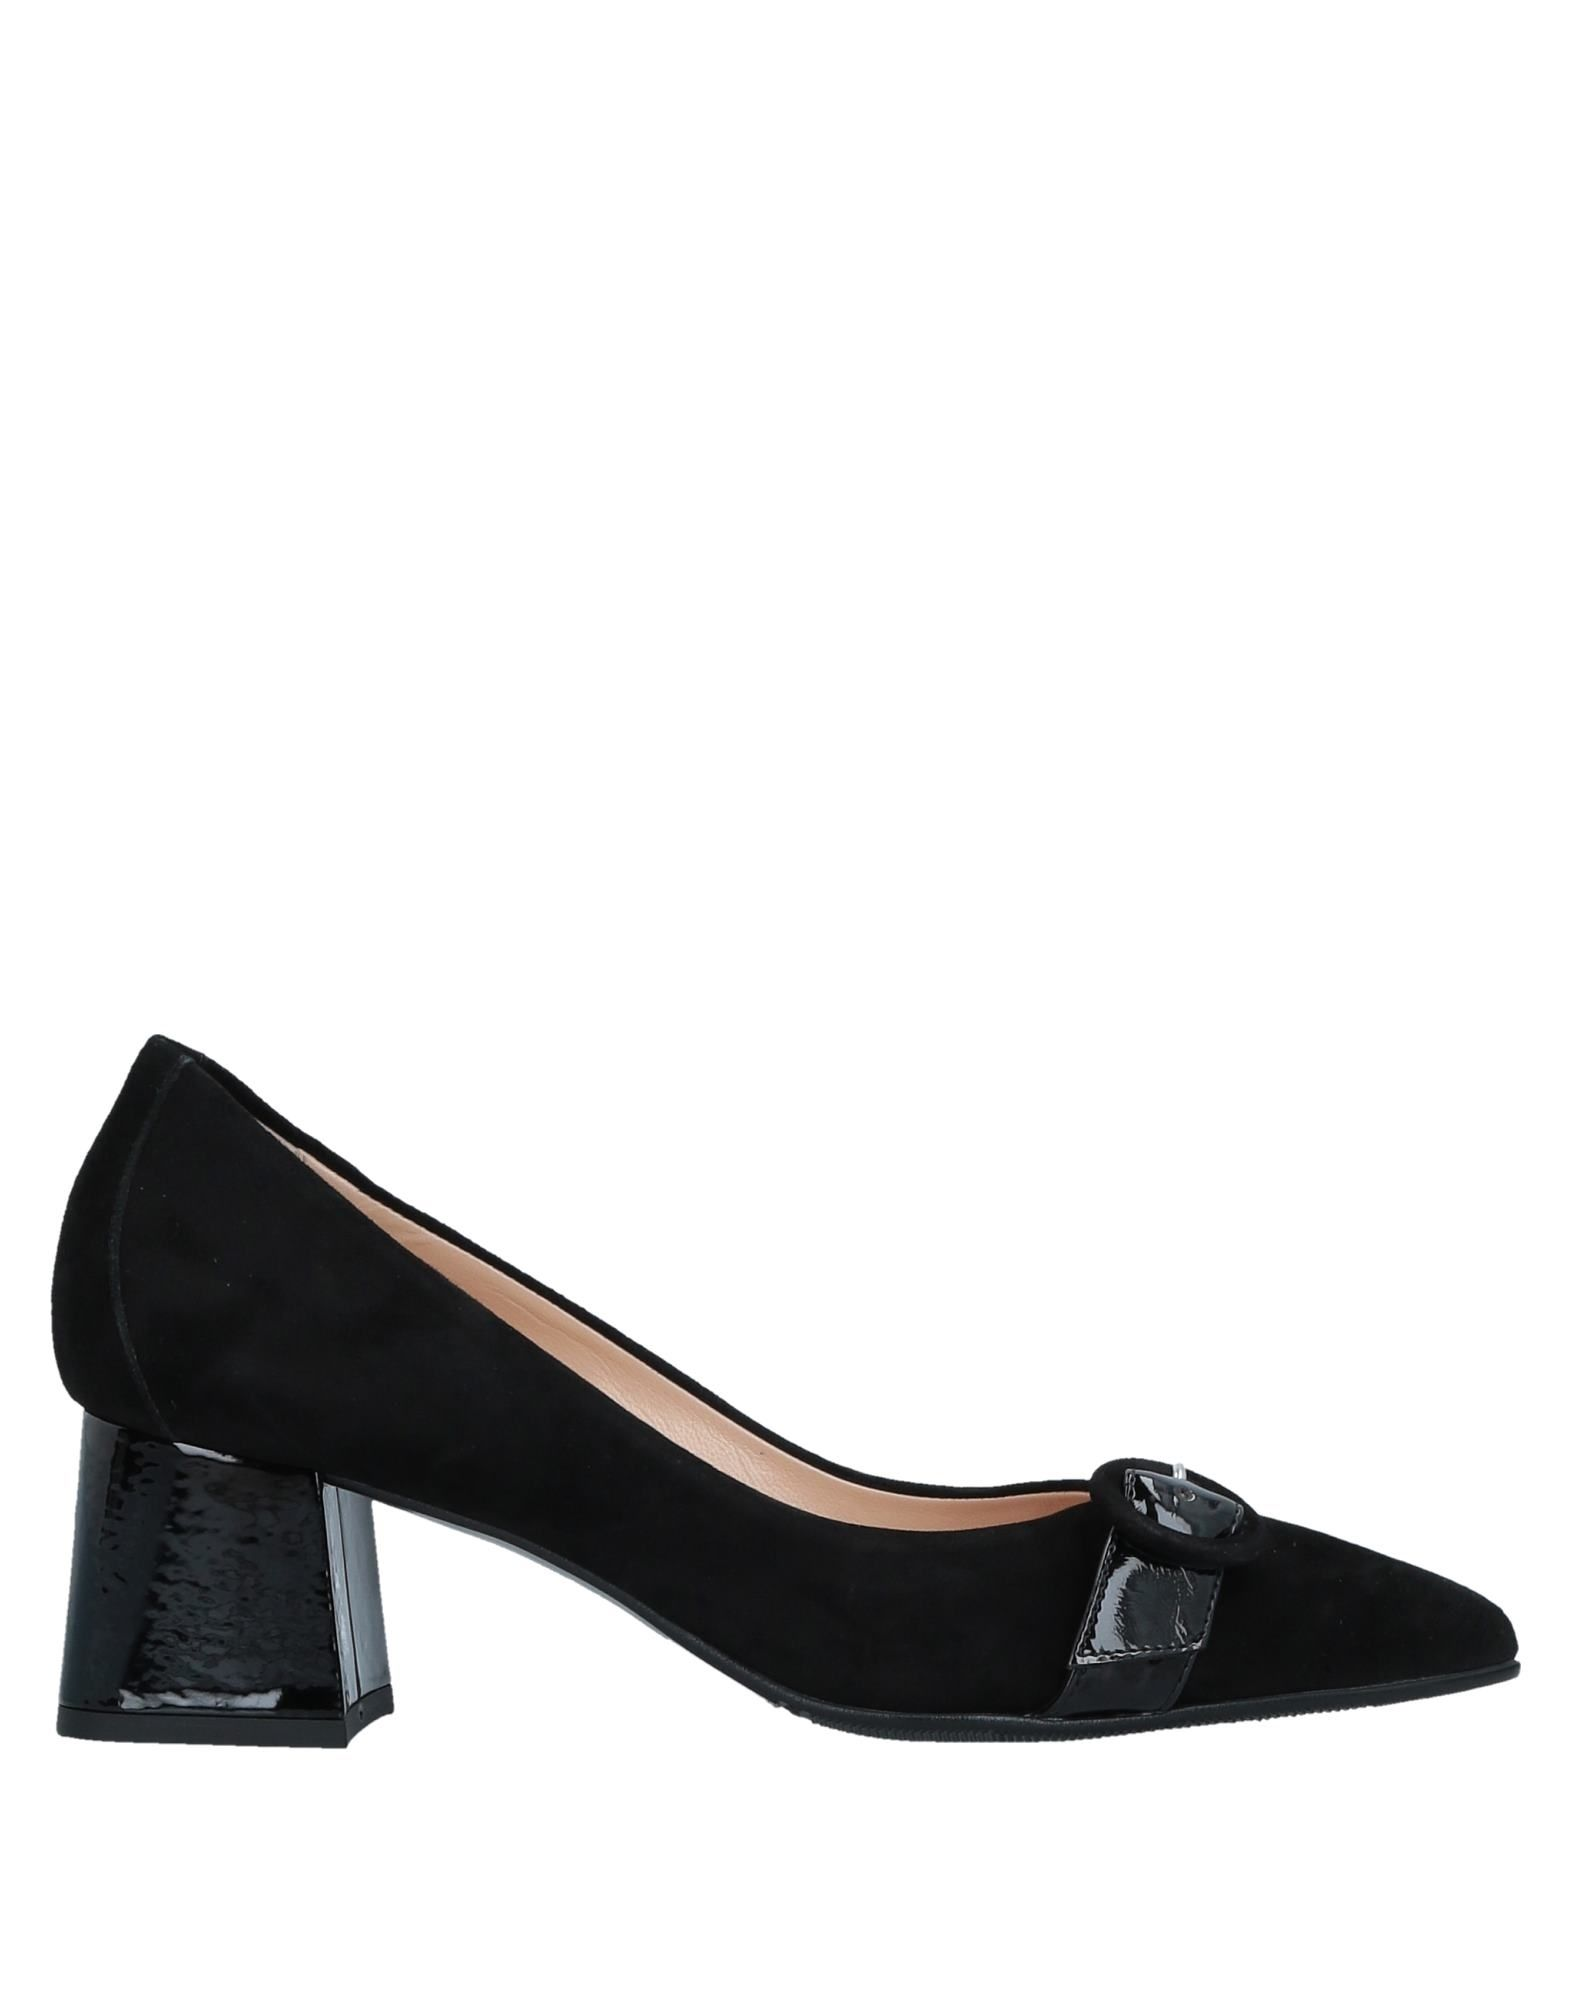 F.Lli Bruglia Pumps Damen  11520349TMGut aussehende strapazierfähige Schuhe